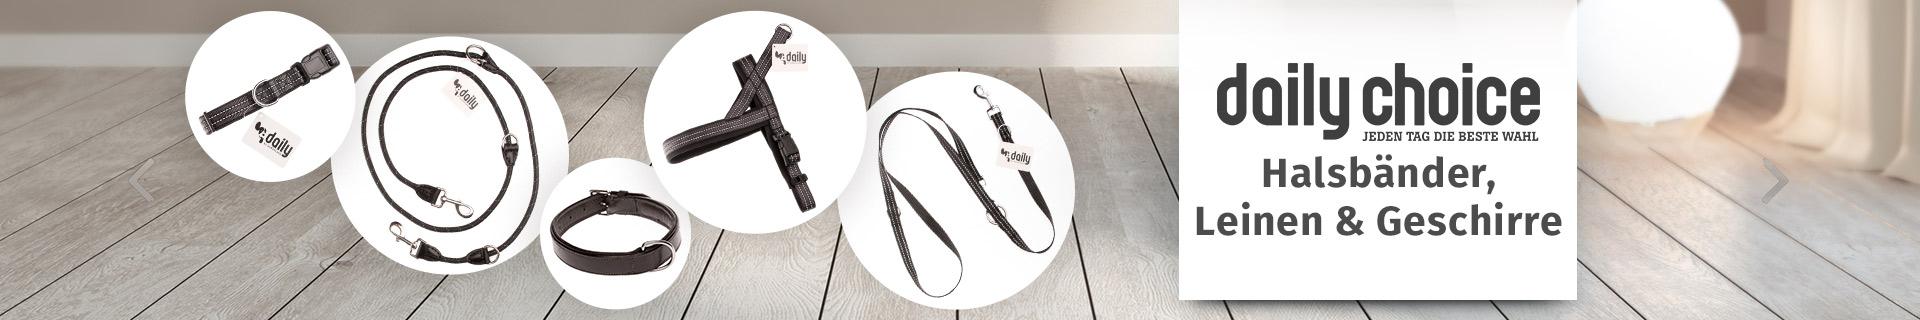 daily choice - Halsbänder, Leinen & Geschirre